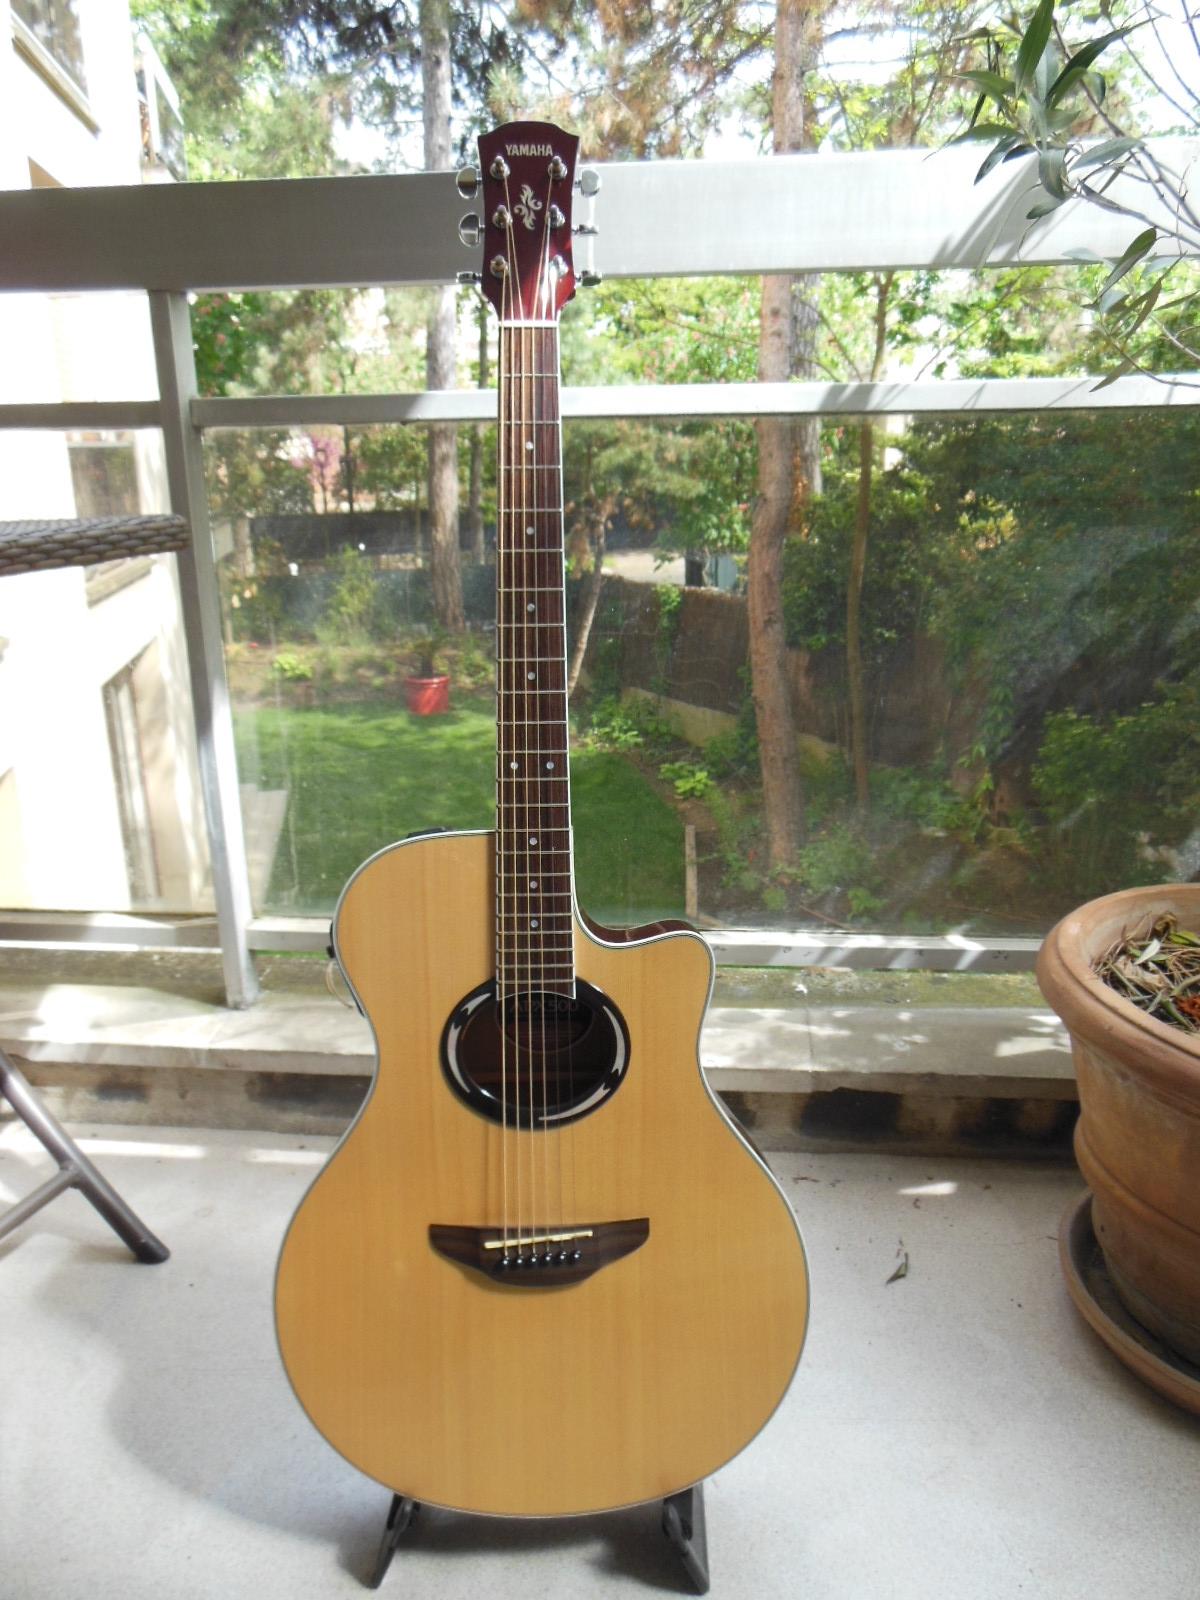 Yamaha Apx500 Image 610372 Audiofanzine